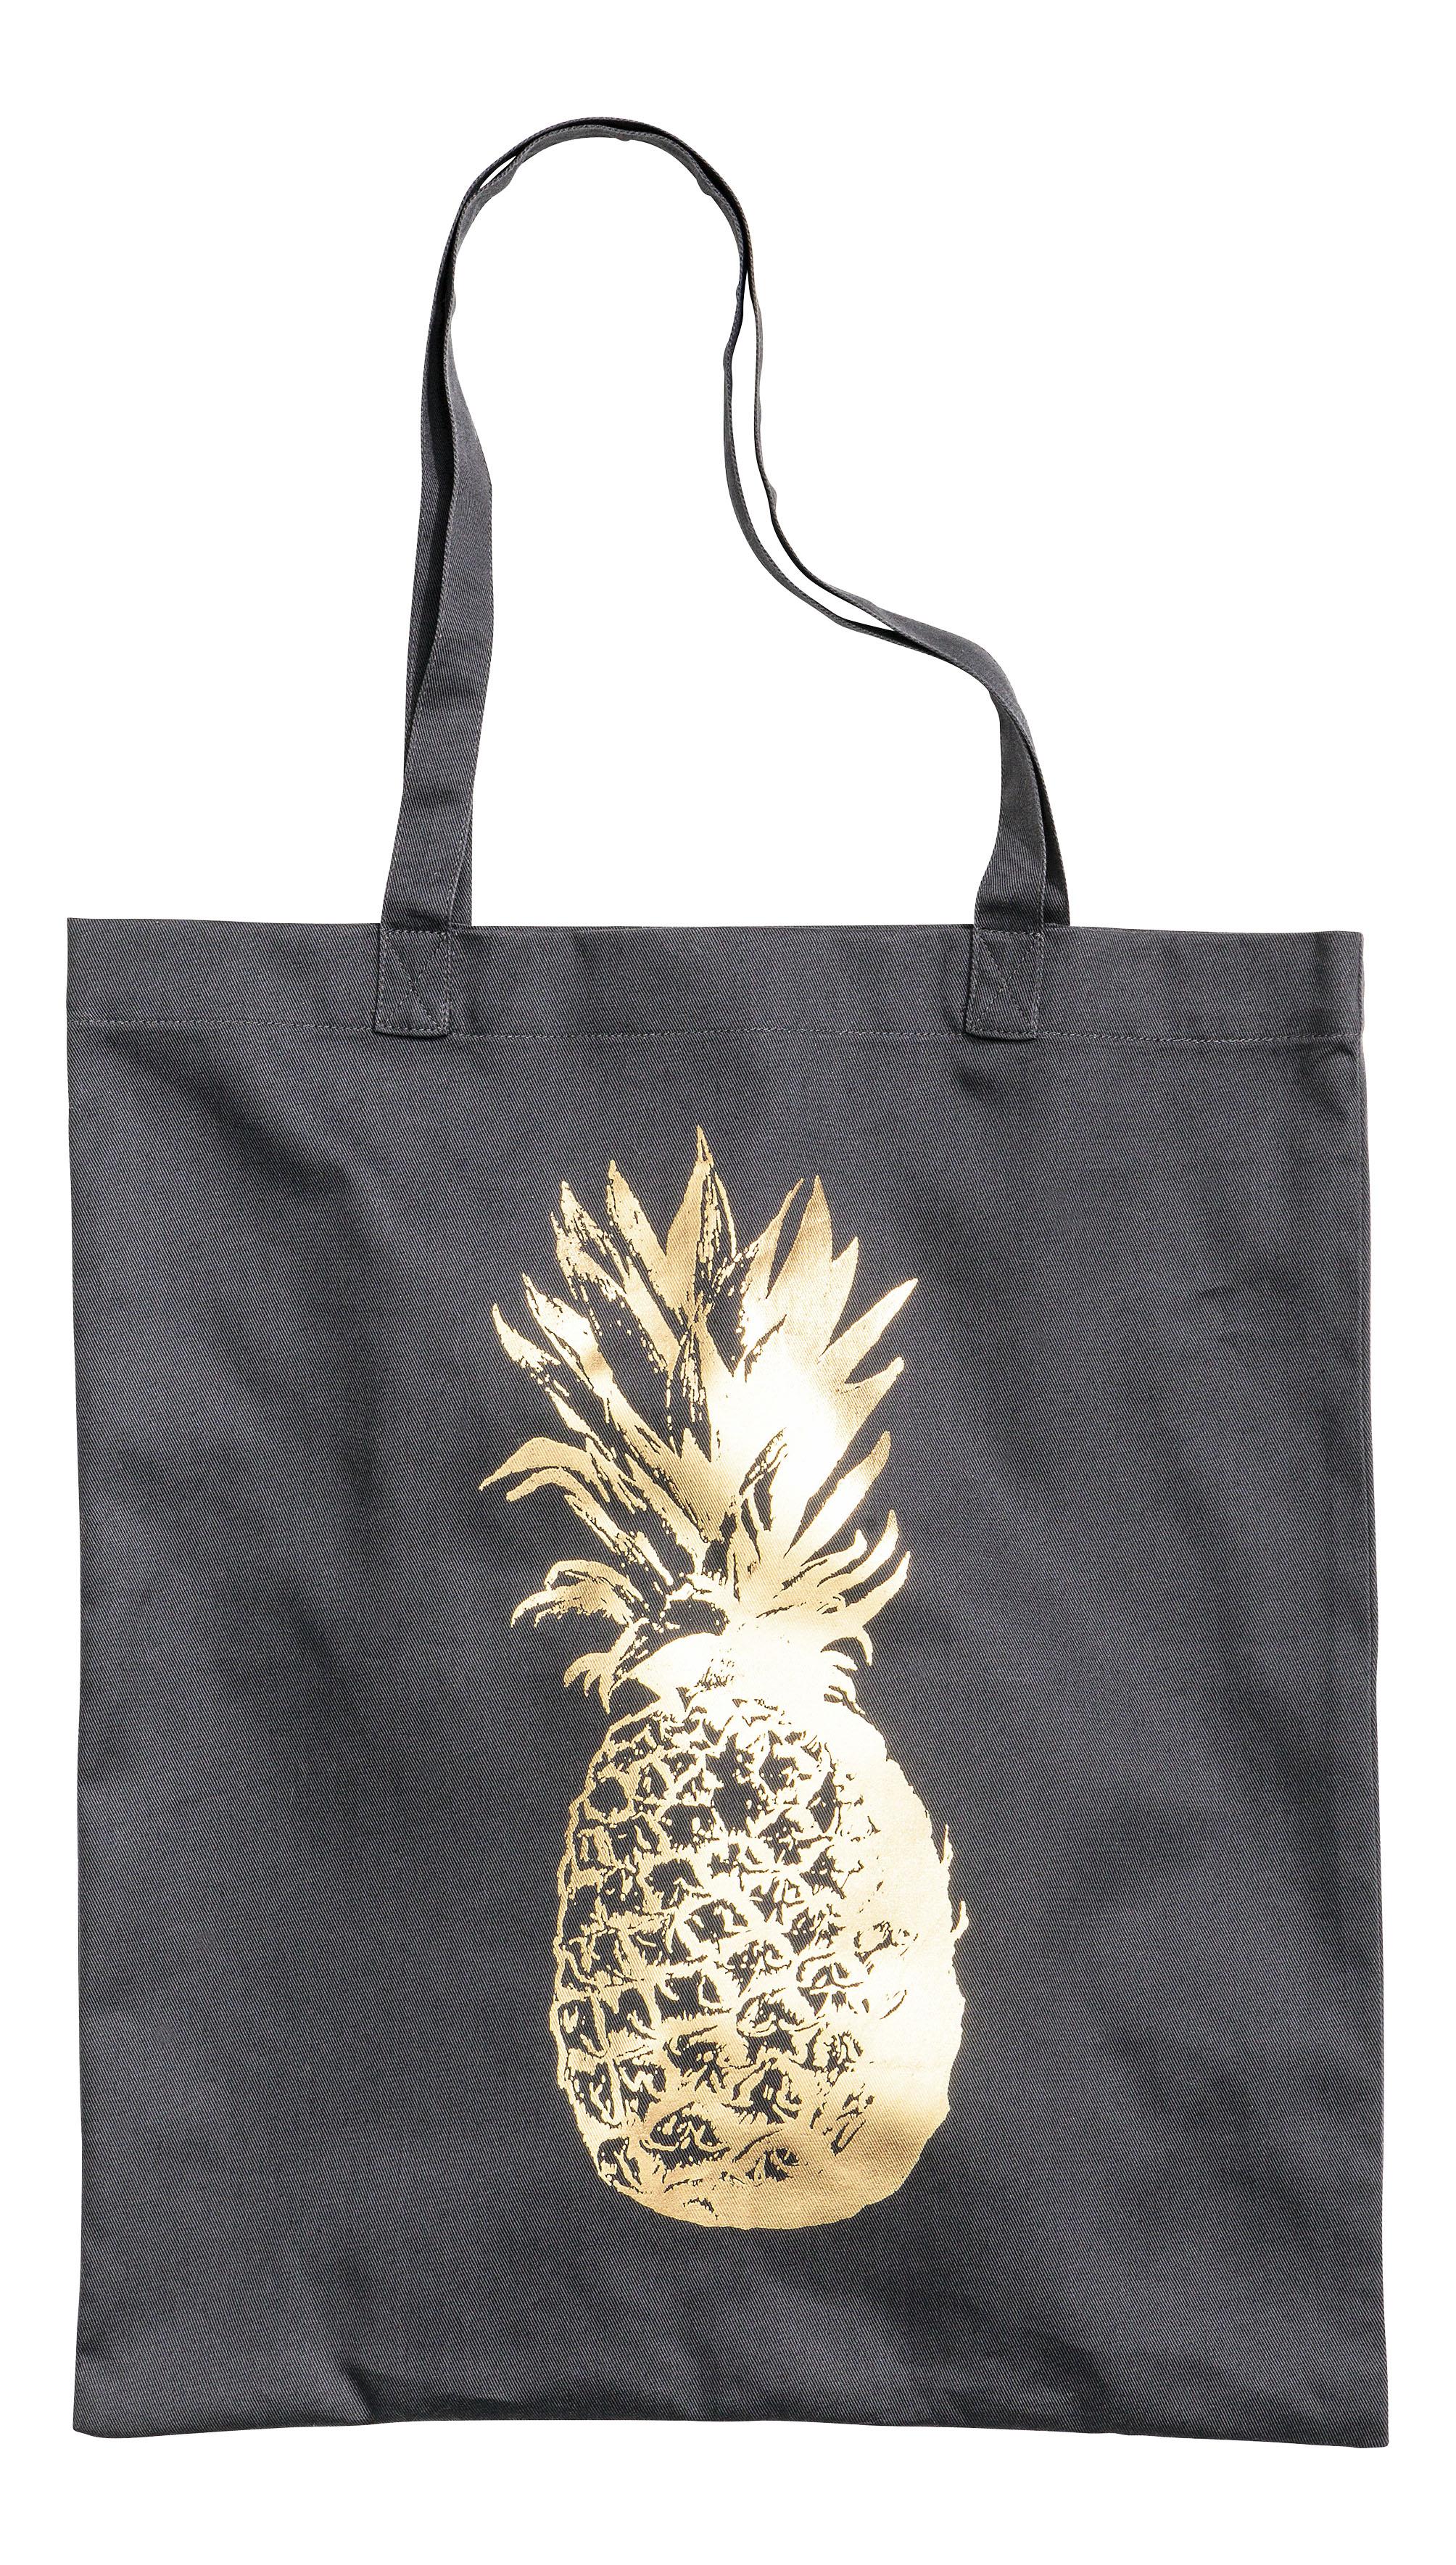 Pineapple tote bag- £7.99